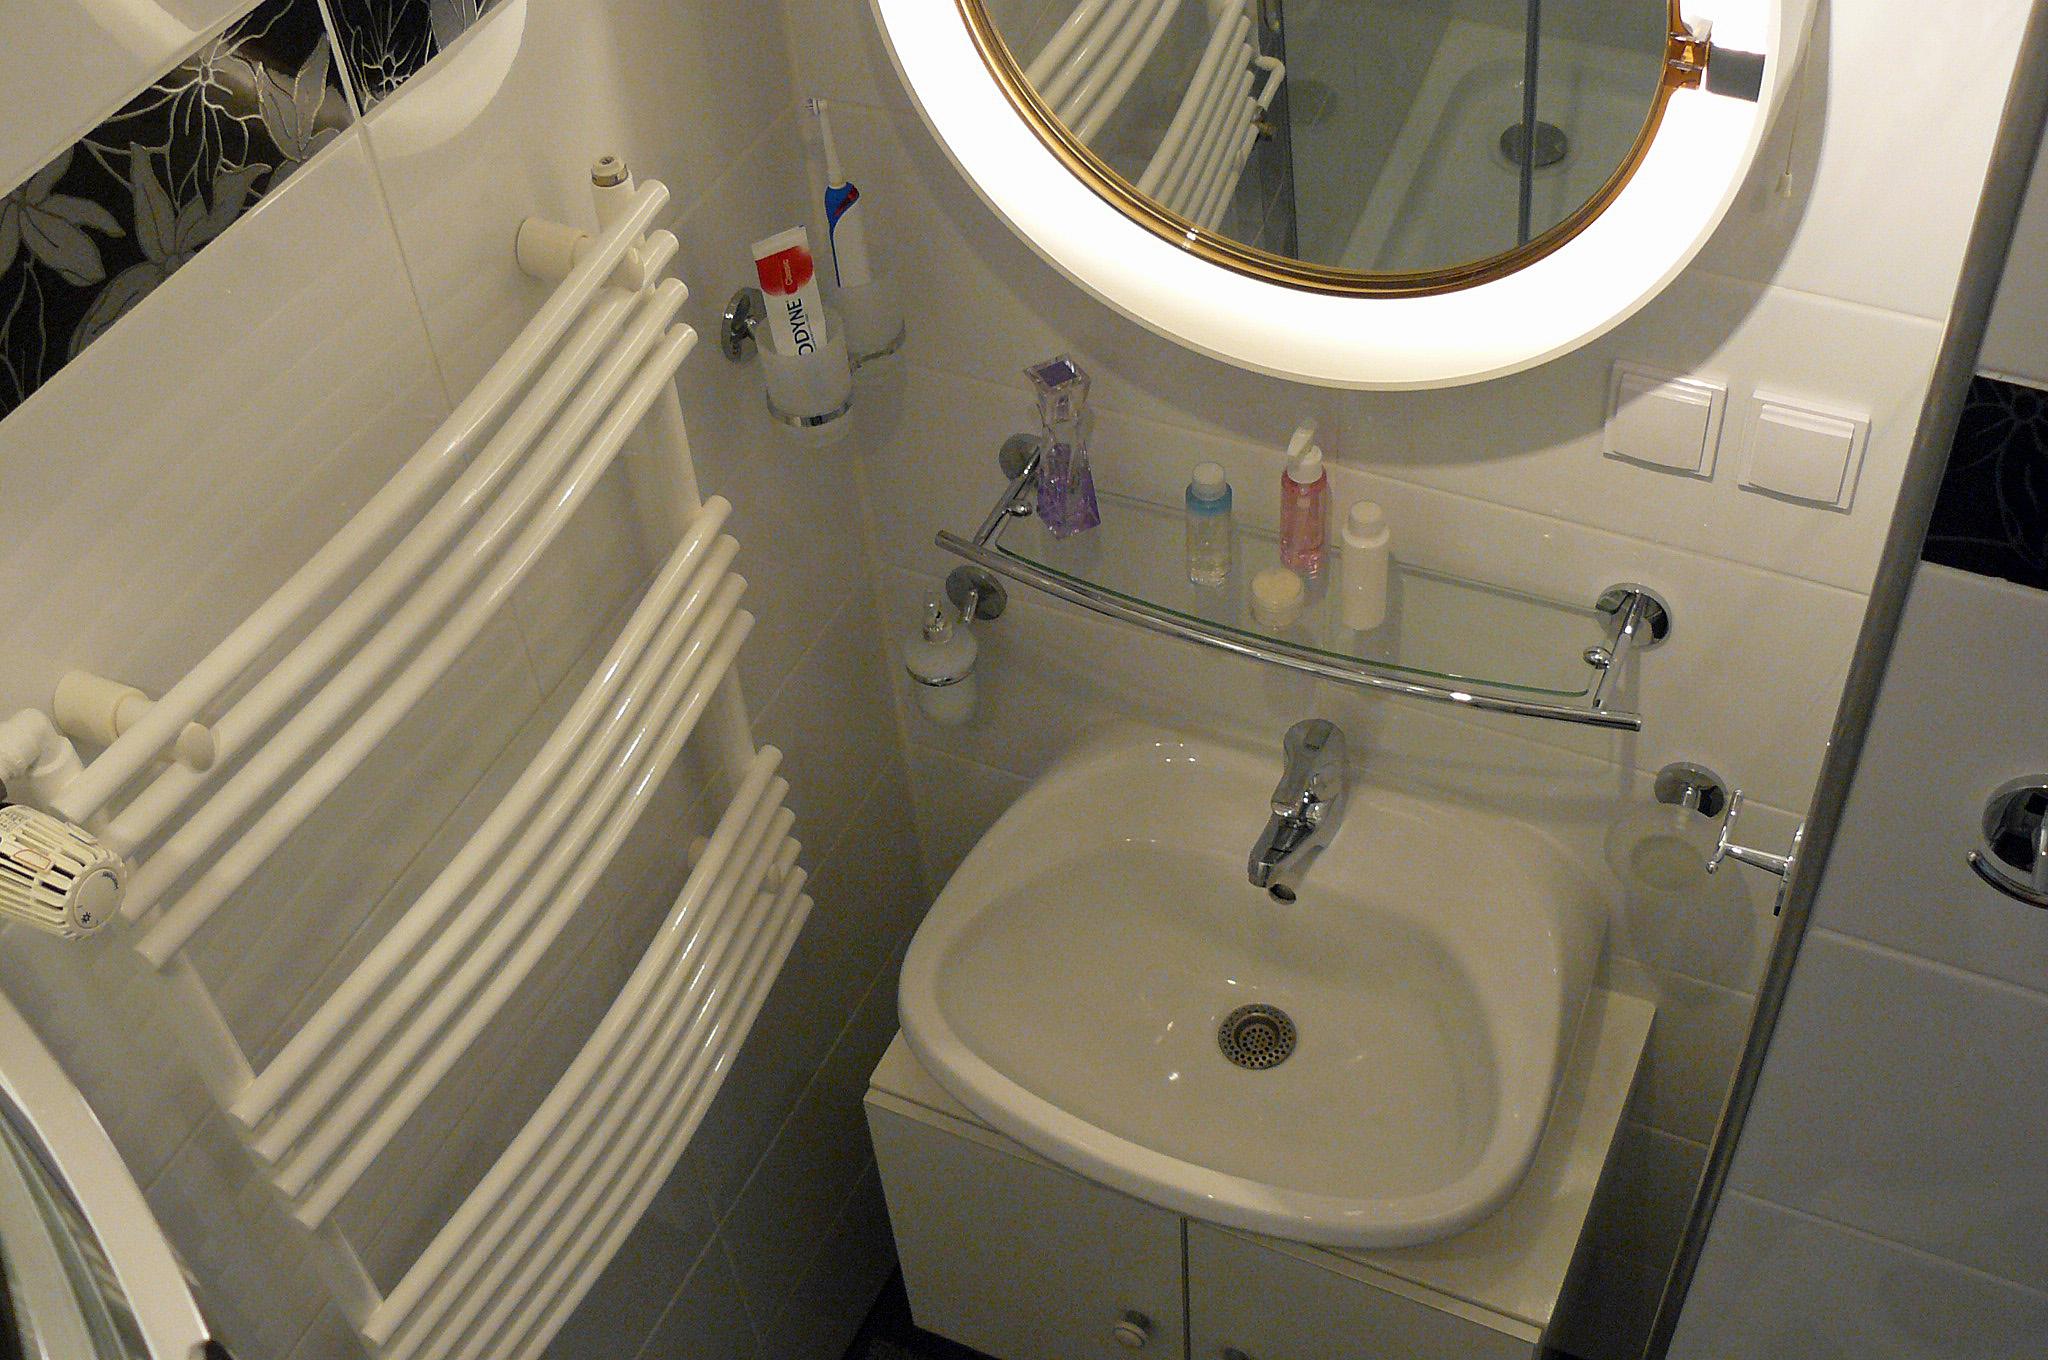 Wastafel in de badkamer